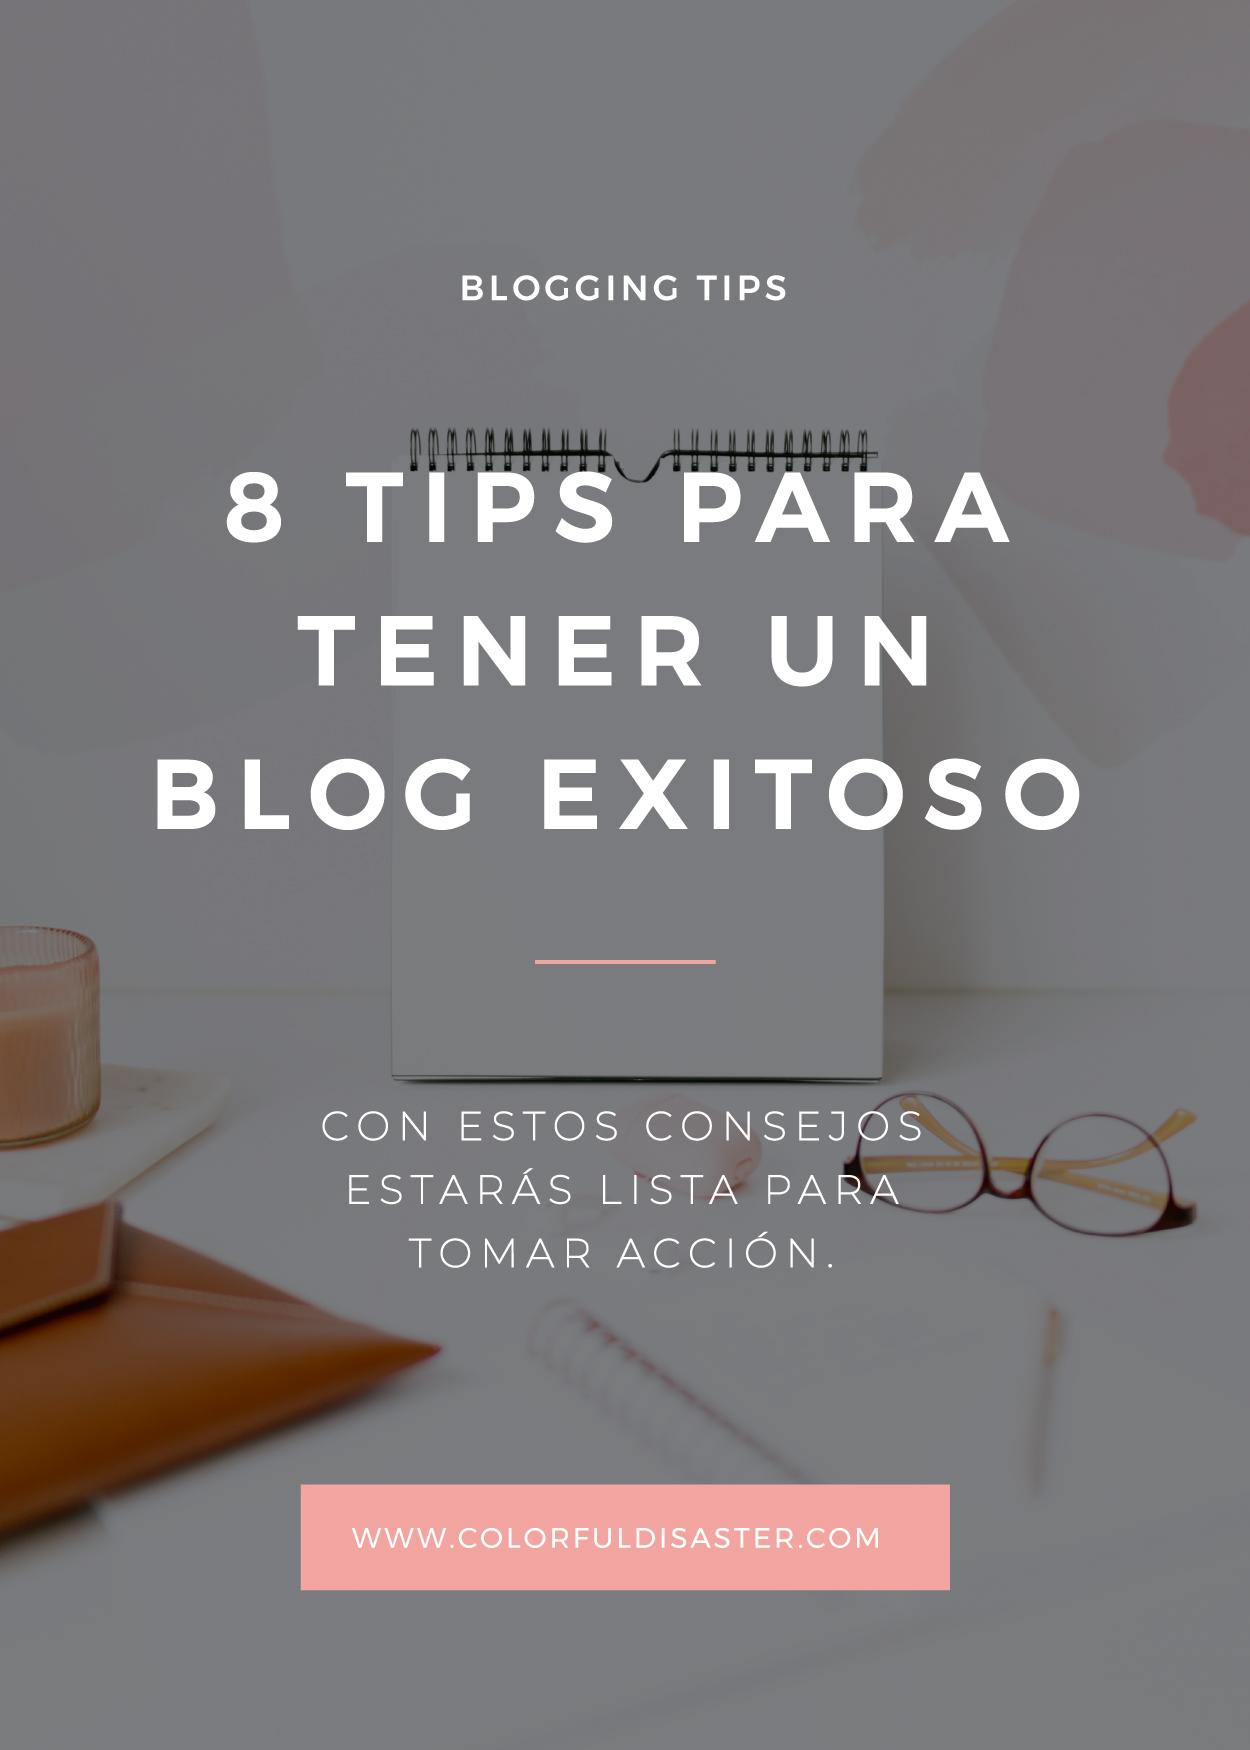 8 tips para tener un blog exitoso